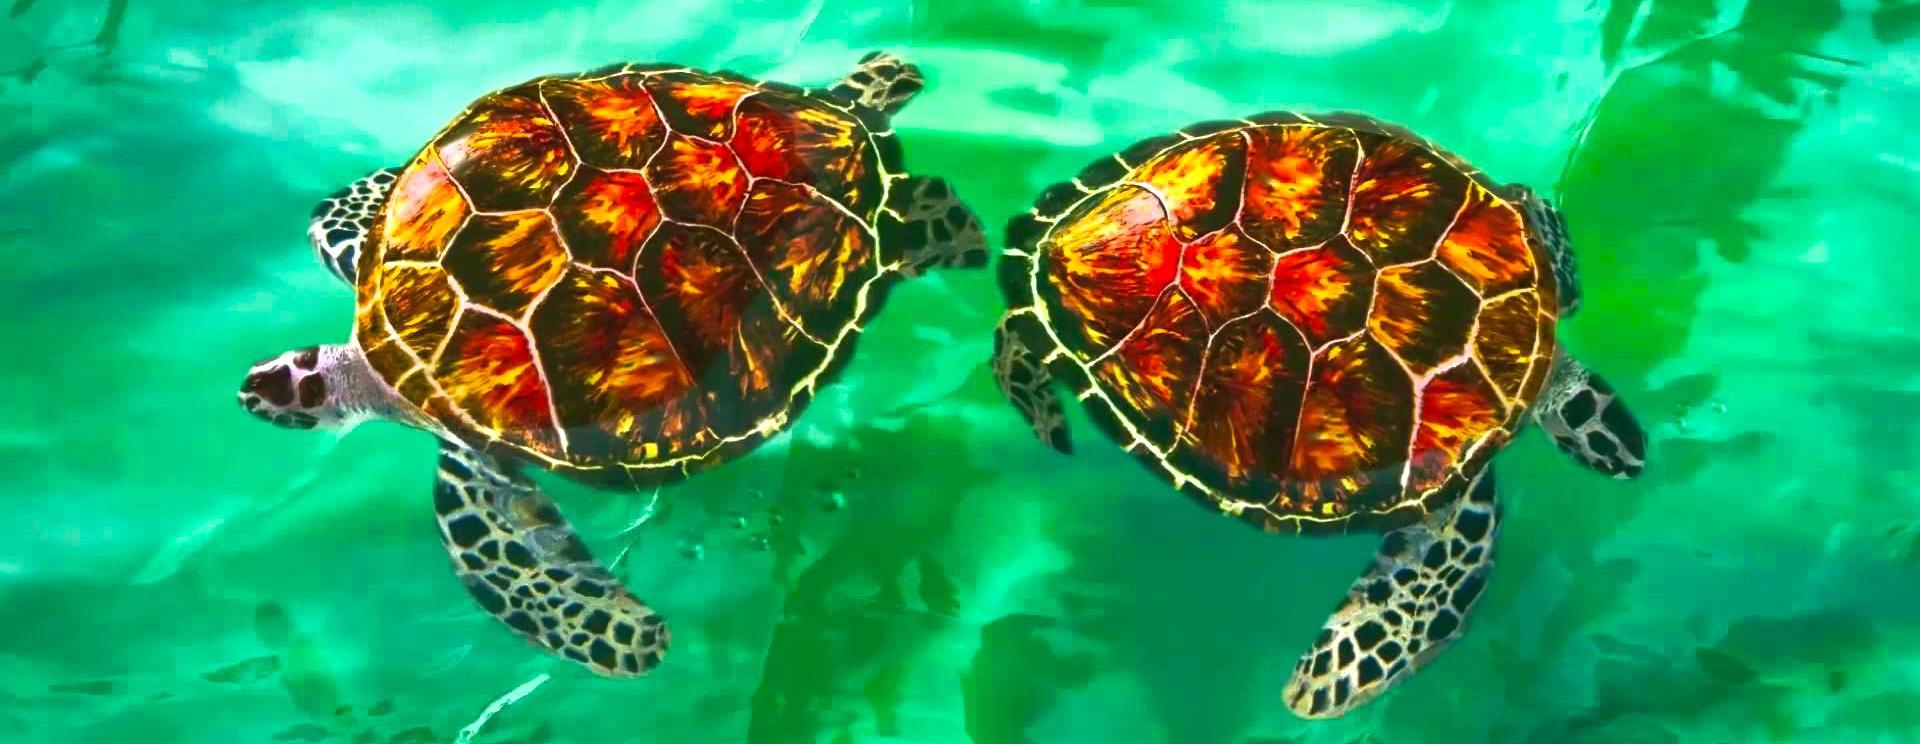 Mooie-kleuren-en-scherp-contrast-met-Maui-Jim-zonnebril-met-gepolariseerde-glazen-kopen-bij-MauiJimzonnebril.nl.